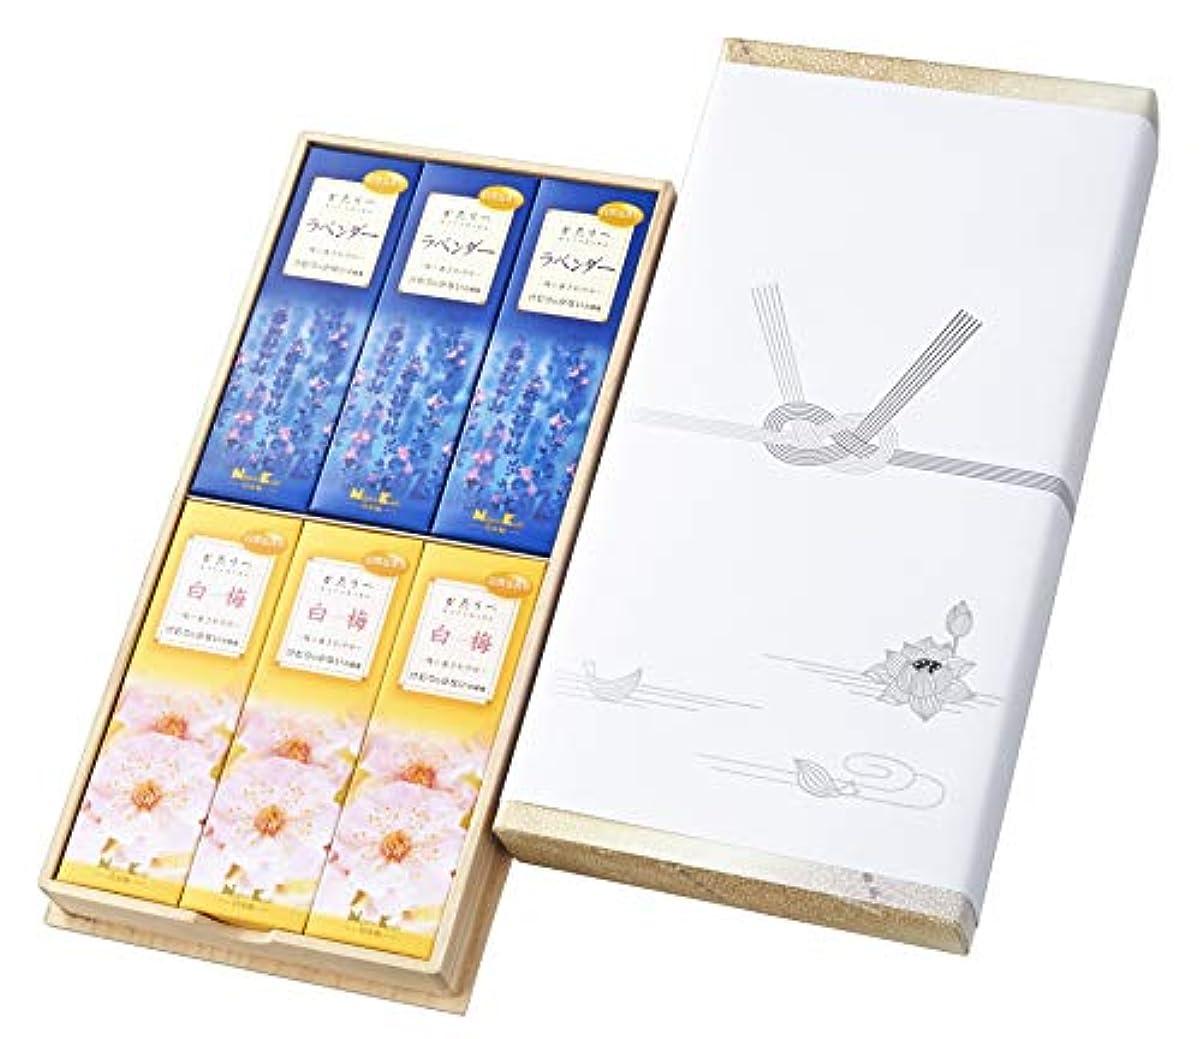 獣実用的に慣れかたりべ 桐箱 ラベンダー/白梅 サック6入 包装品